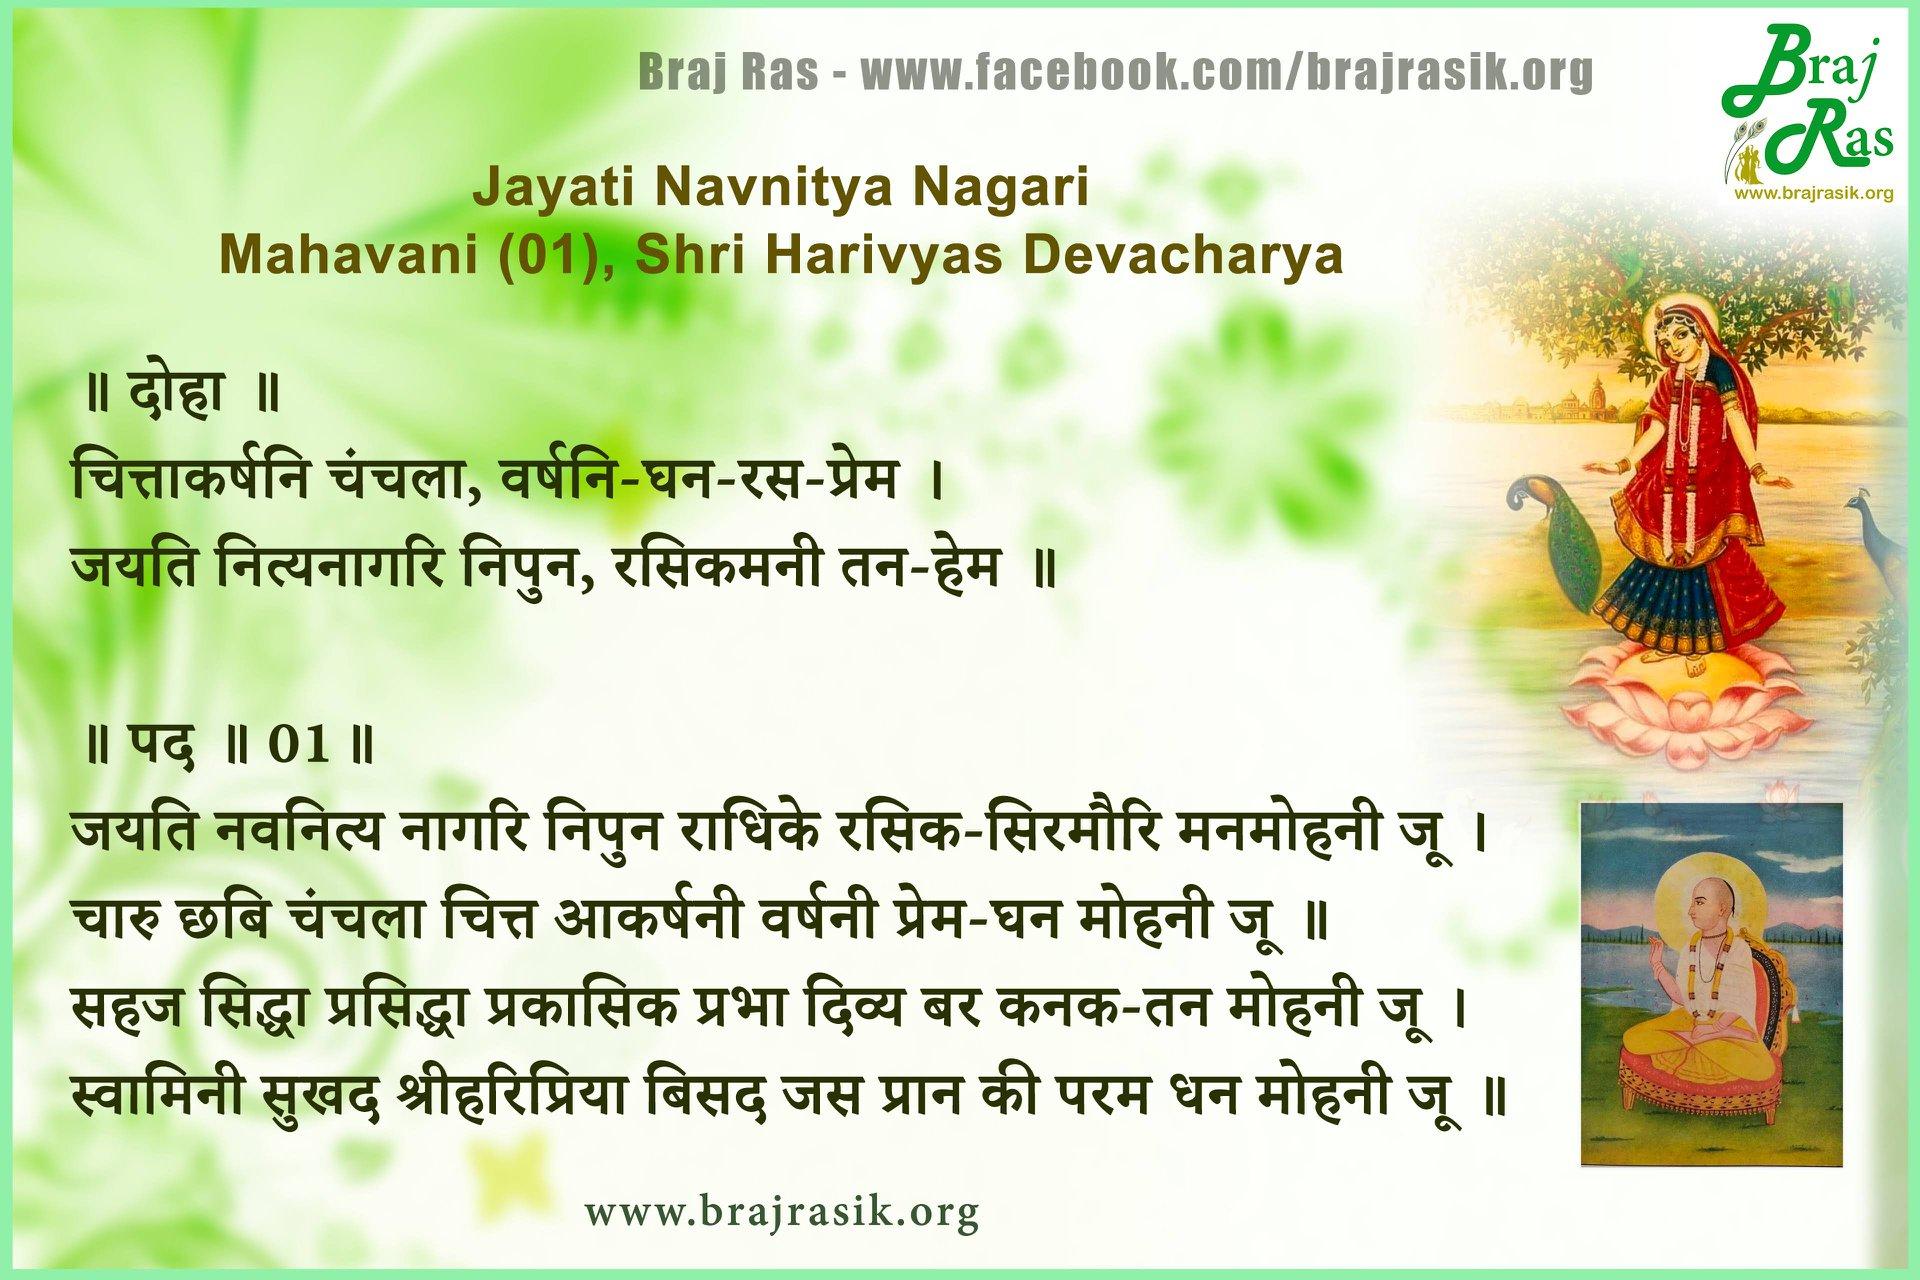 Jayati Navnitya Nagri Nipun Radhike - Mahavani, Surat Sukh (01), Shri Harivyas Devacharya